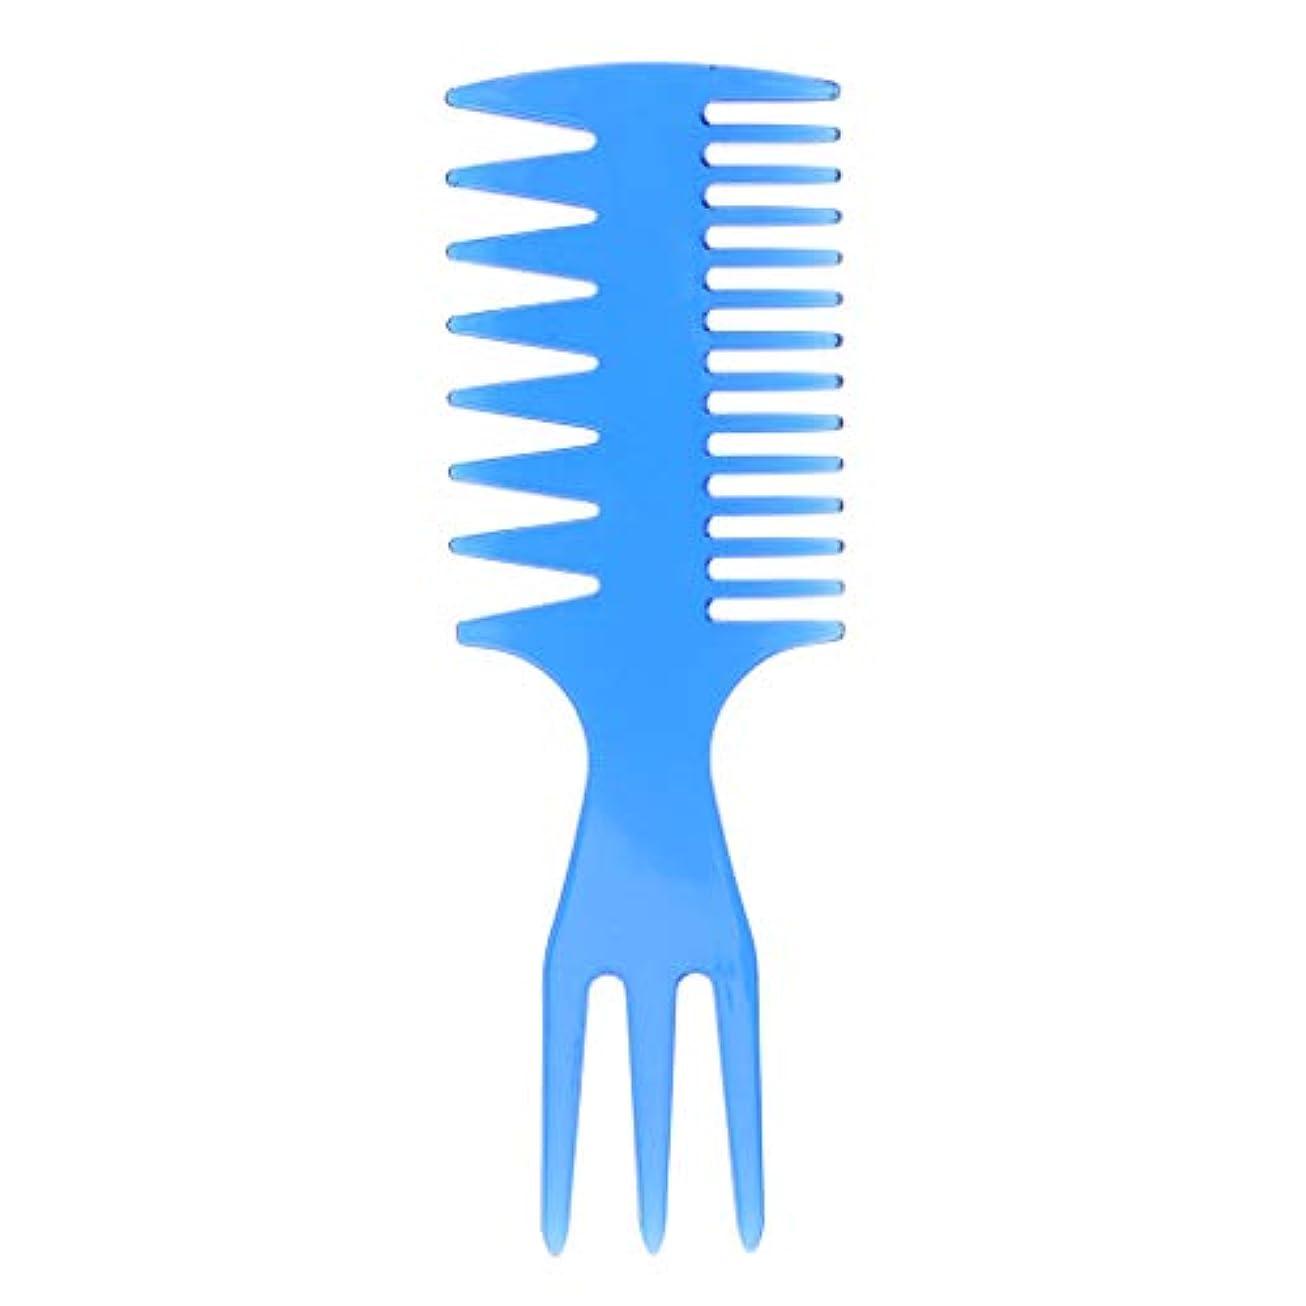 シェフ笑話す1つの人の油性毛の一突きの櫛の大広間の染料の理髪のスタイリング広い歯に付き3つ